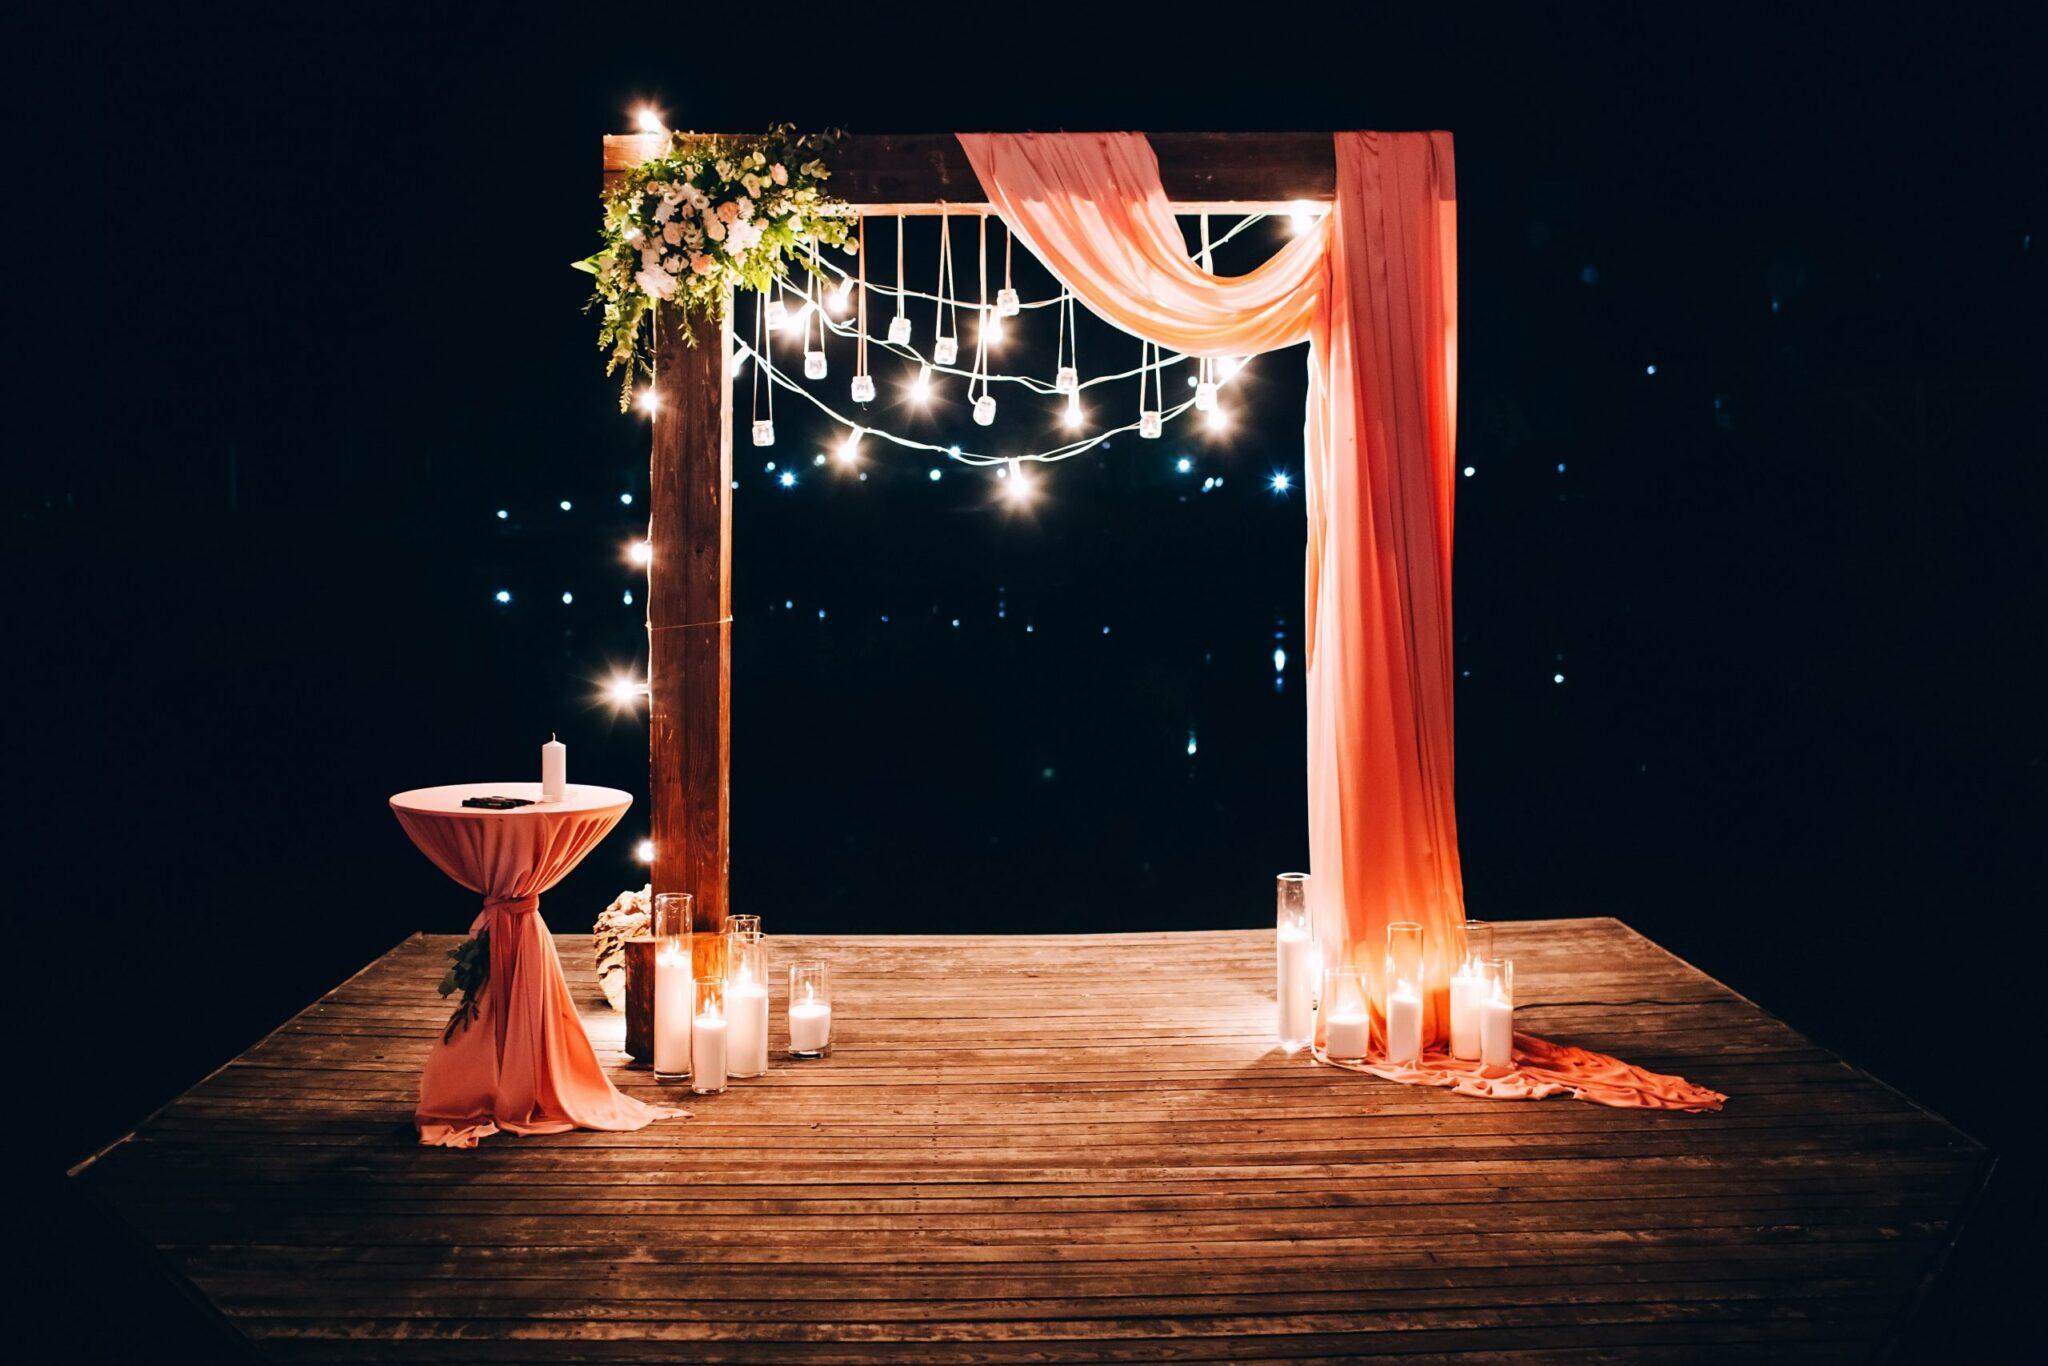 Decoración de salones iluminación y texturas scaled - 6 ideas para una decoración de salones al aire libre espectacular